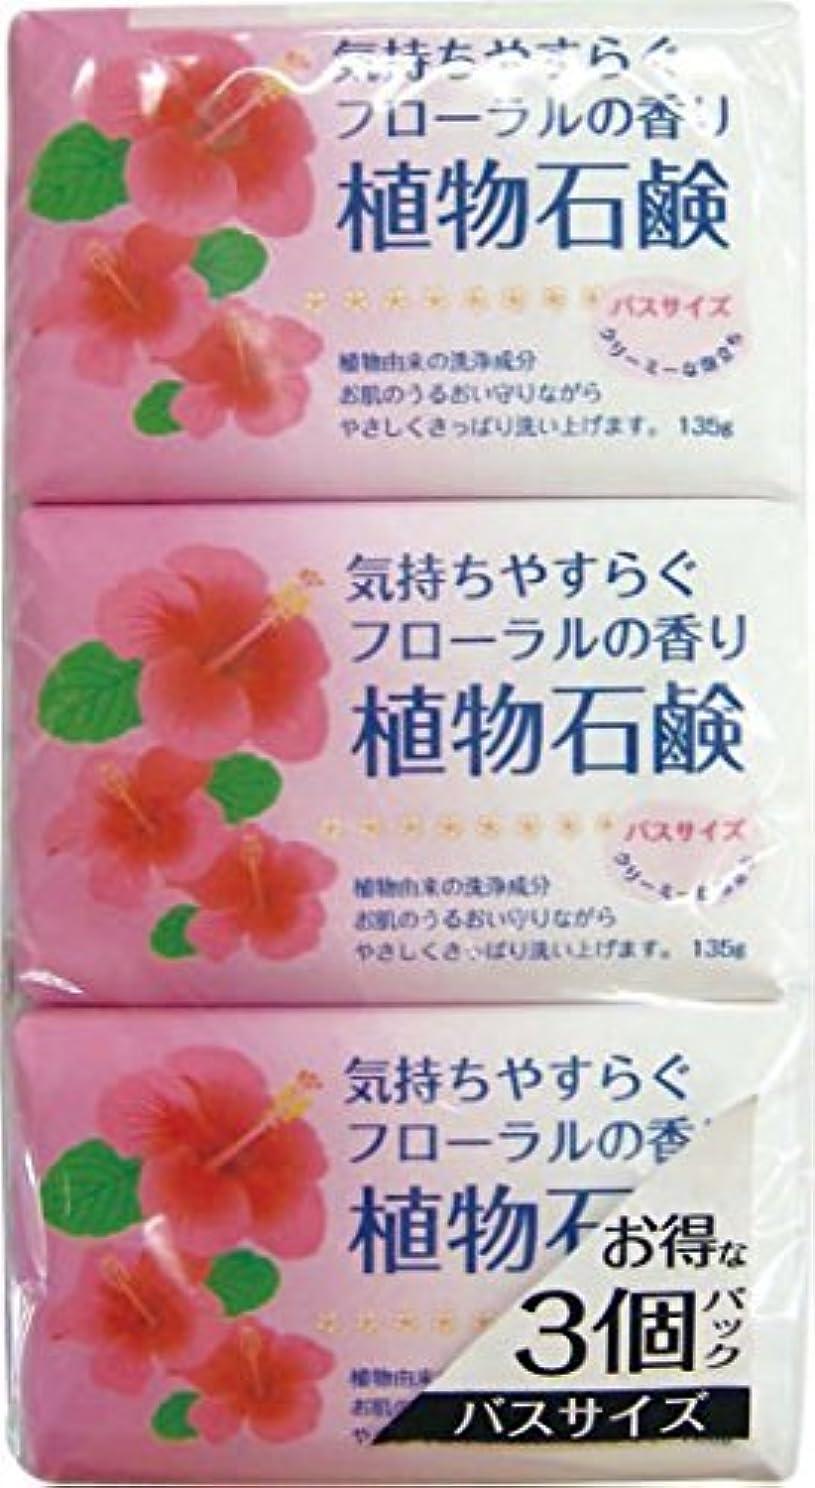 マージ鉄道物理学者香りの植物石鹸 バスサイズ 135g×3個 【まとめ買い240個セット】